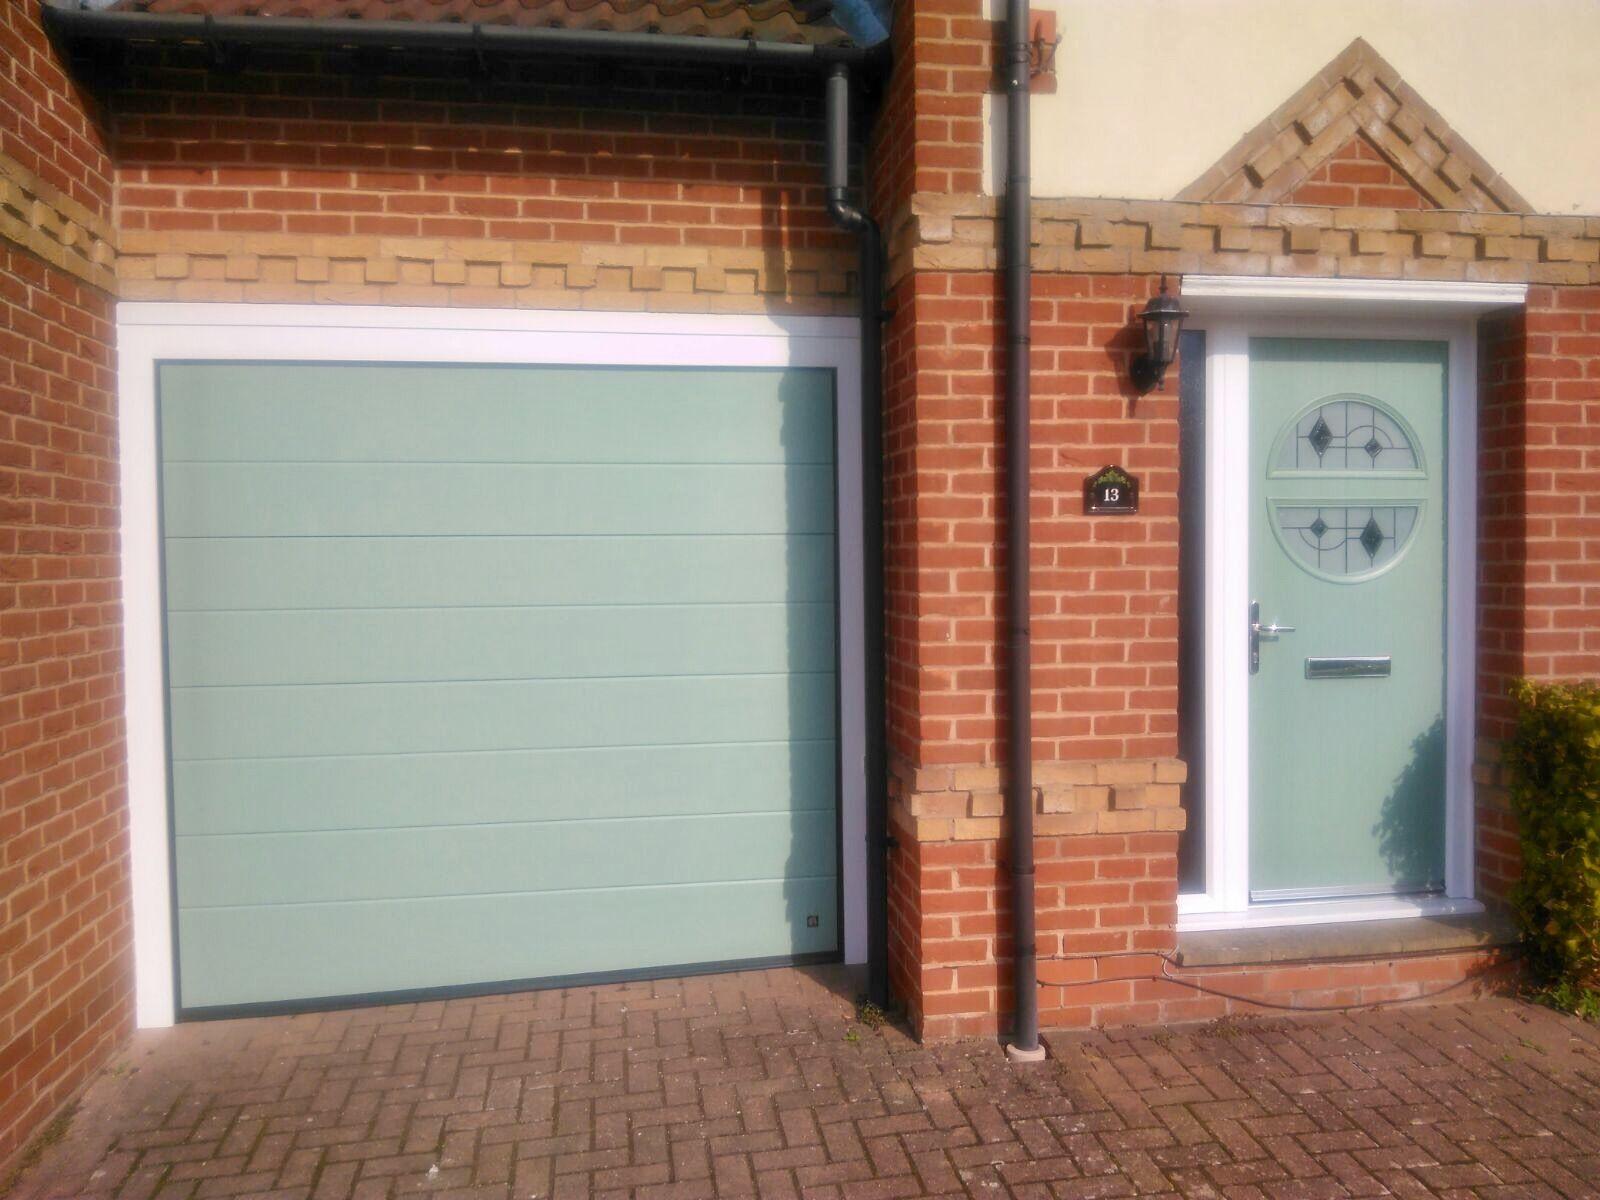 Seceuroglide insulated sectional garage door georgian cassette - Endurance Door Kyo Chartwell Green With Matching Ryterna Sectional Garage Door